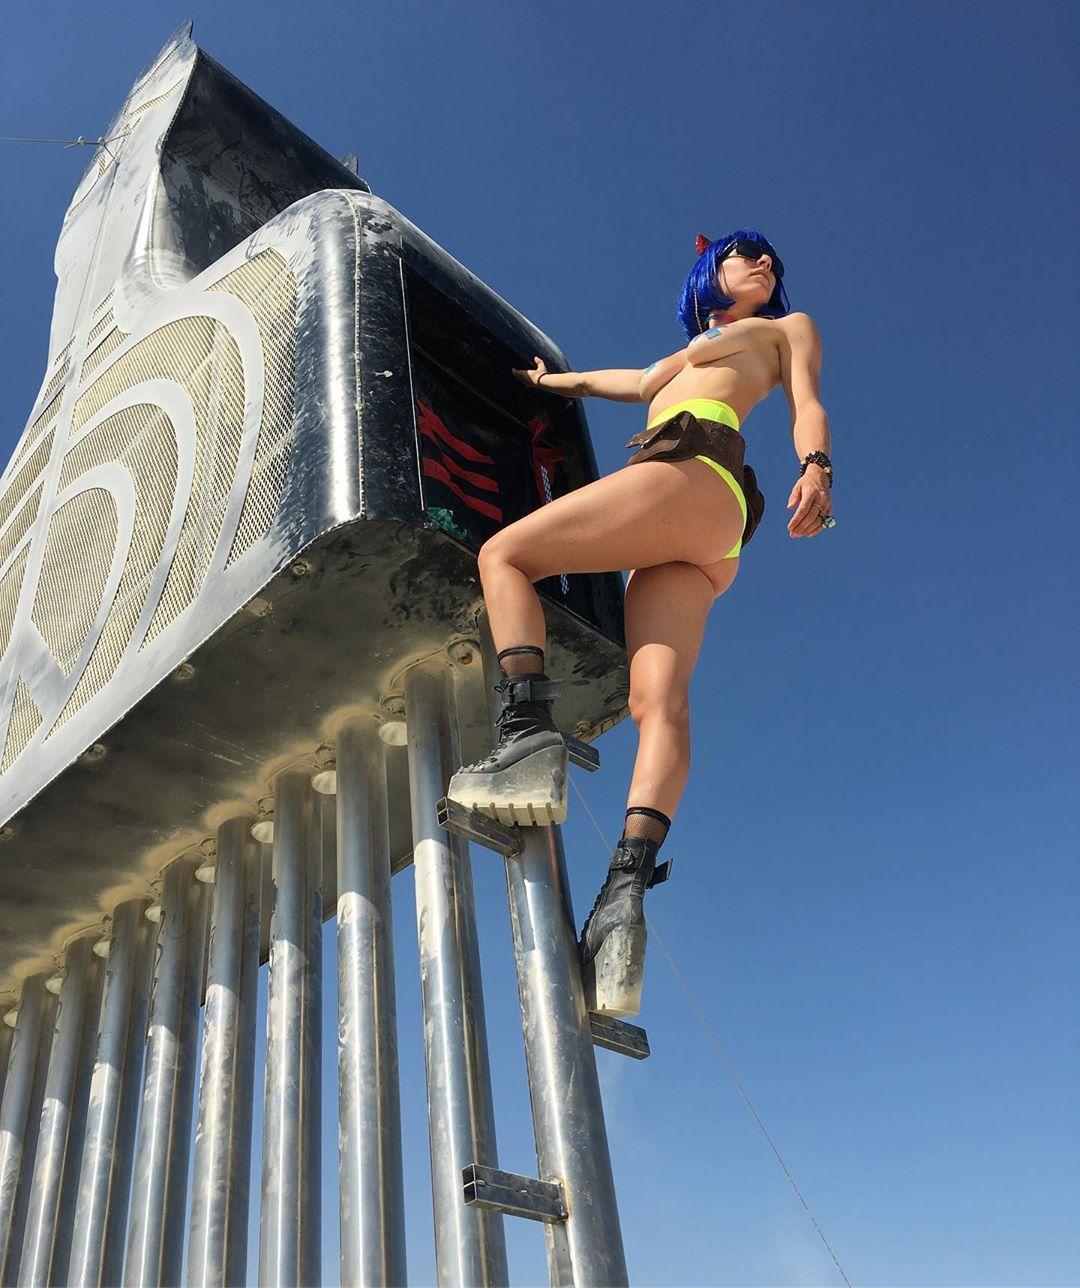 Экстравагантные наряды посетителей фестиваля Burning Man 2019